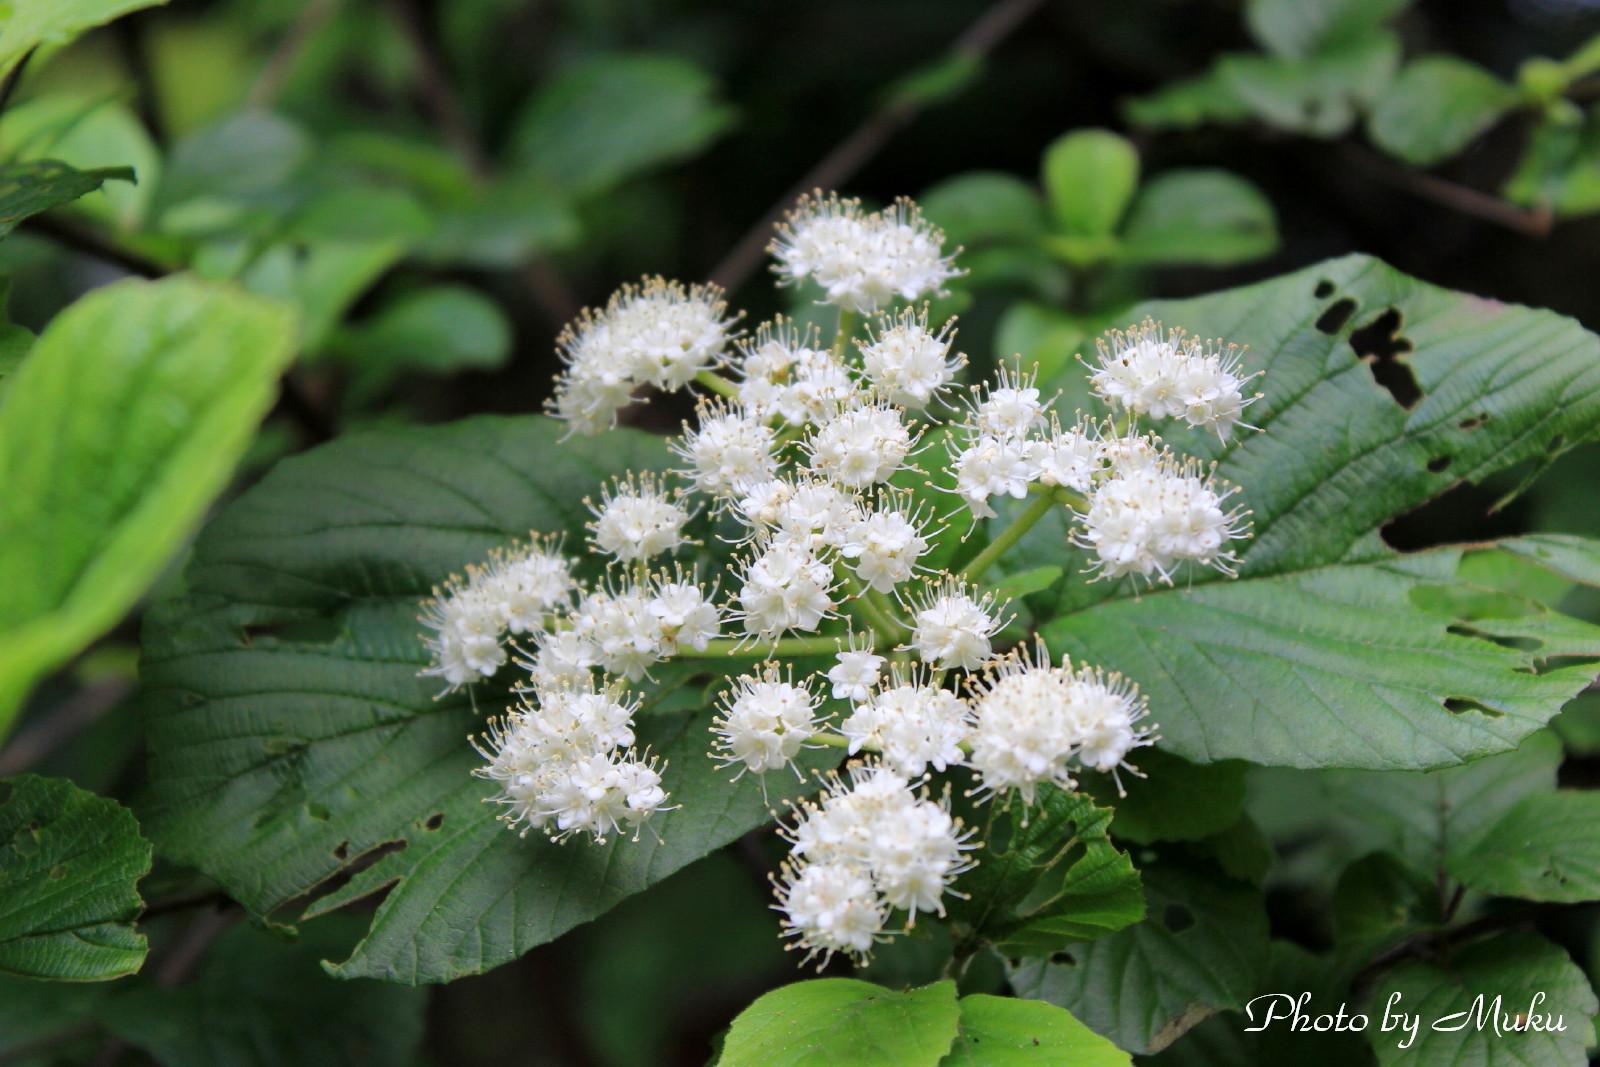 2014/05/29  ガマズミの花 (観音崎:神奈川県横須賀市)